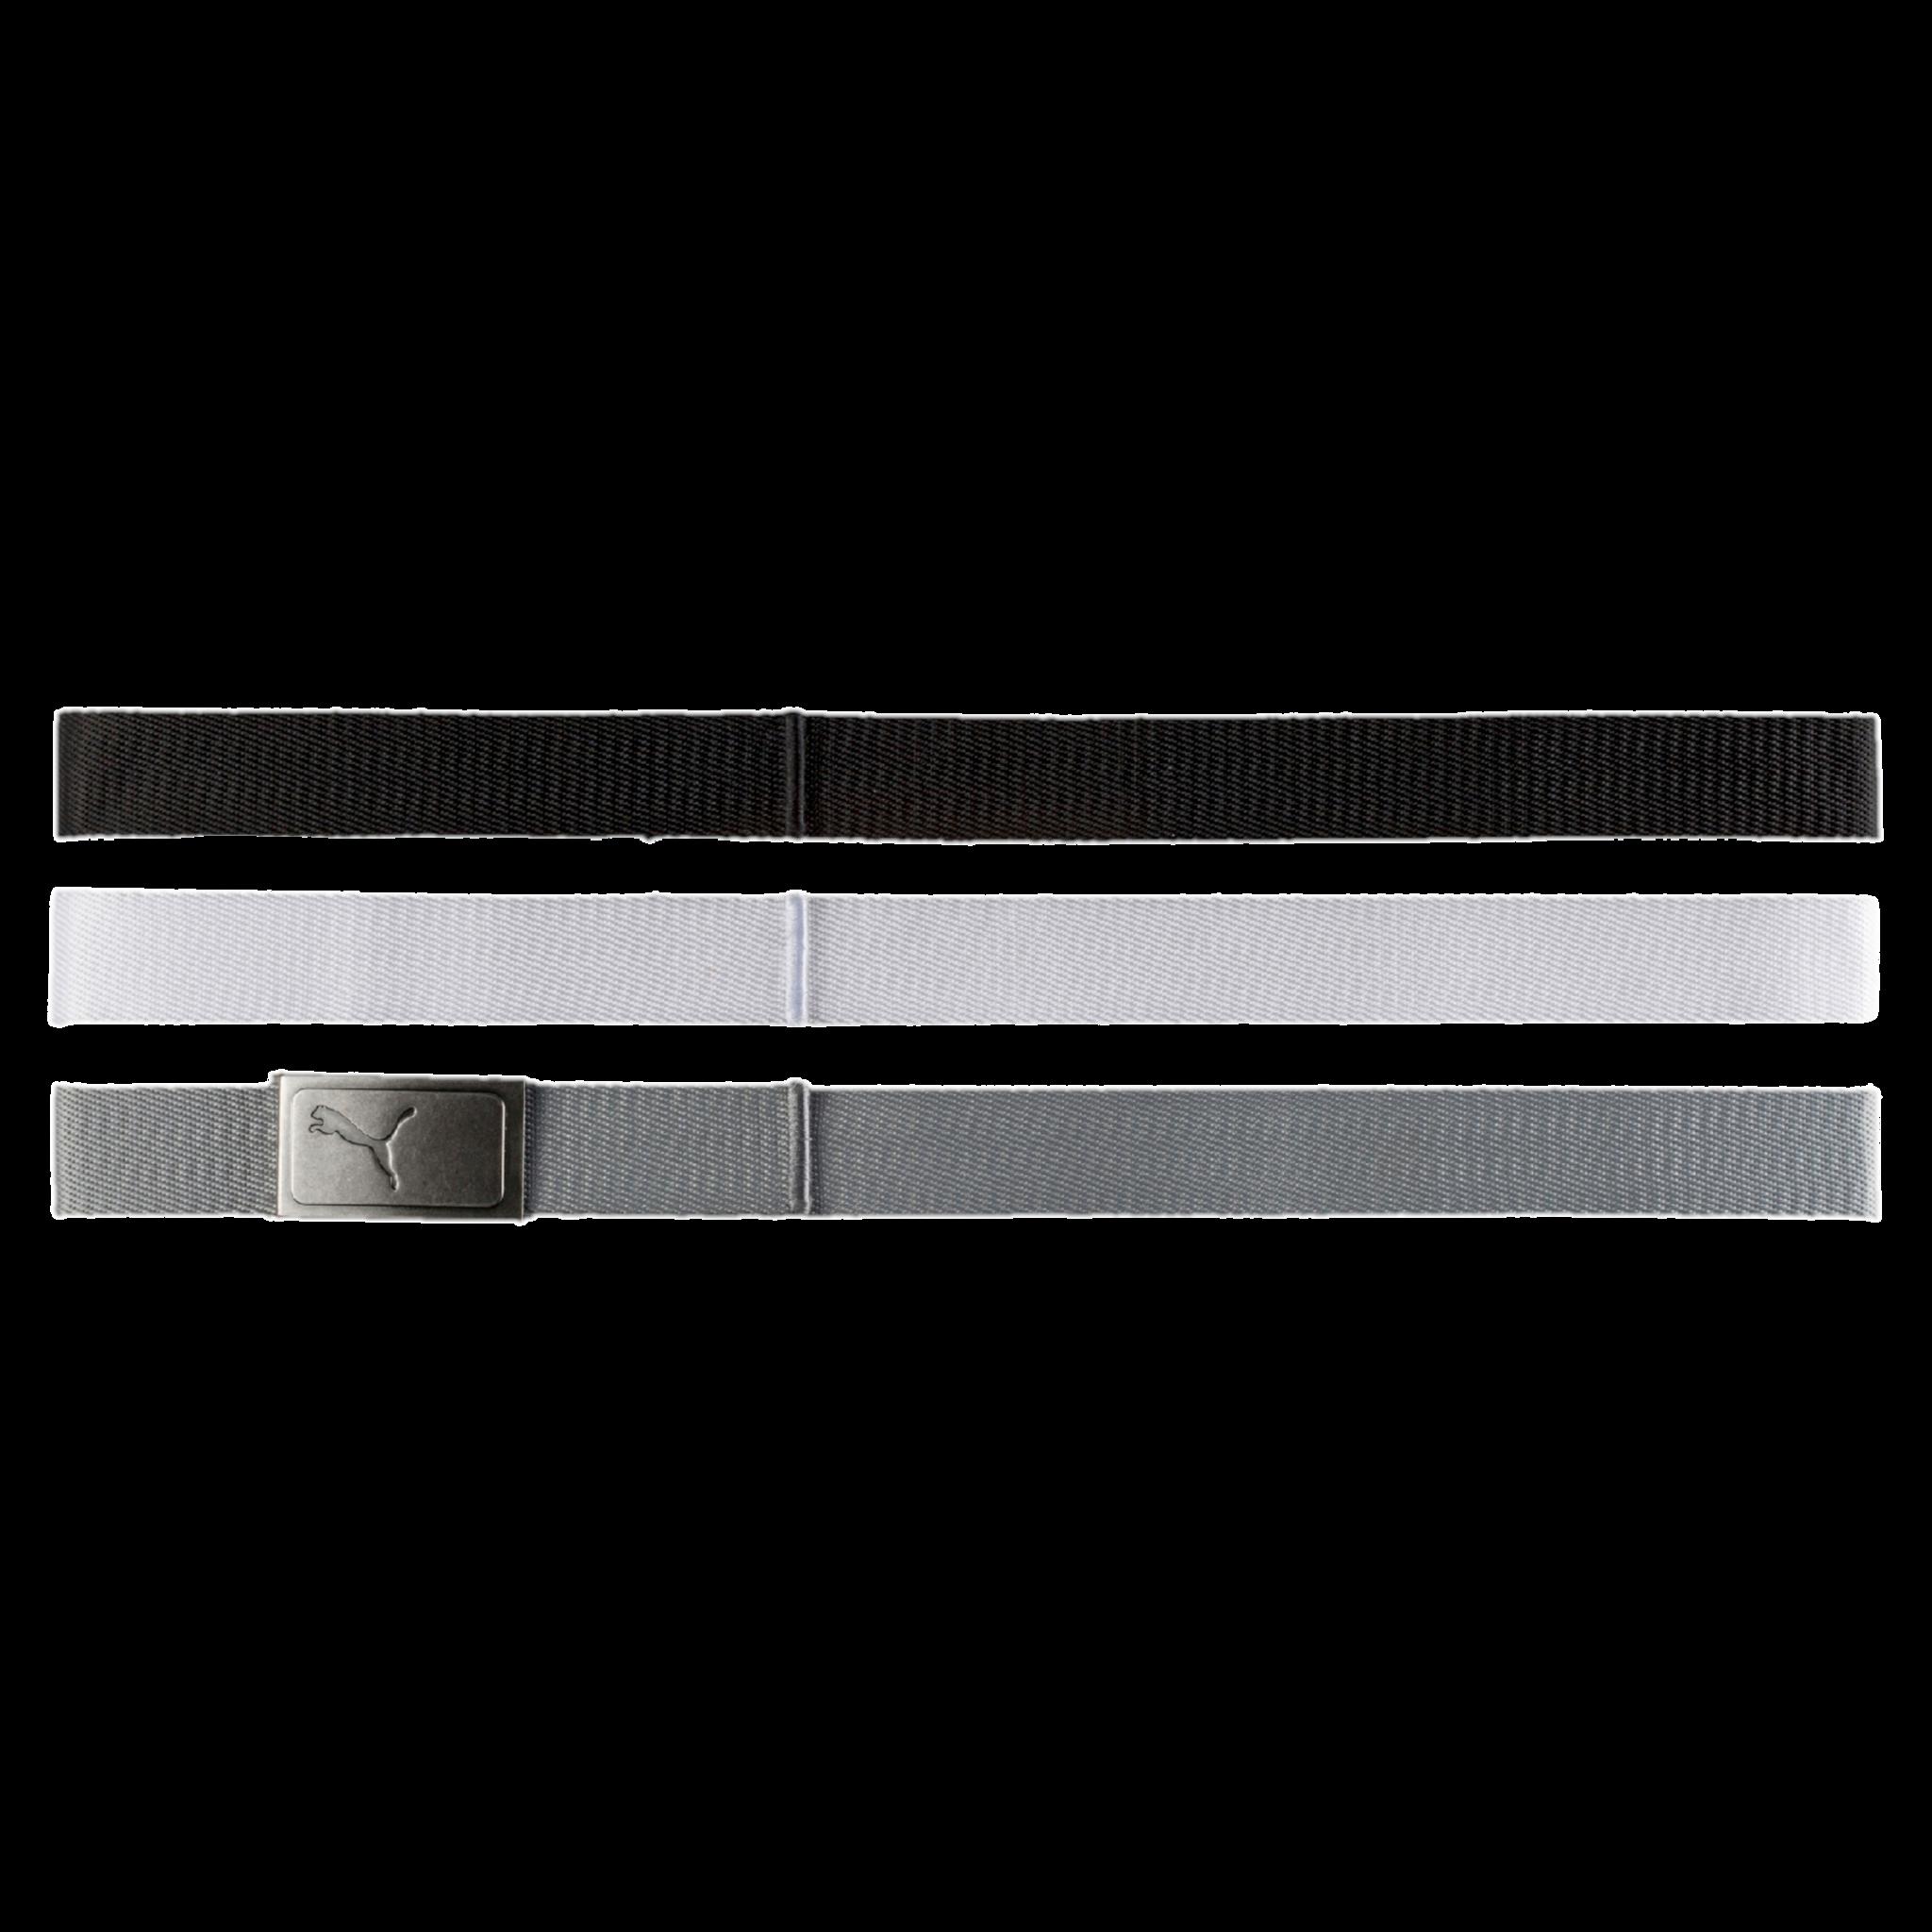 Puma 3 in 1 Web Belt Pack, belte OSFA